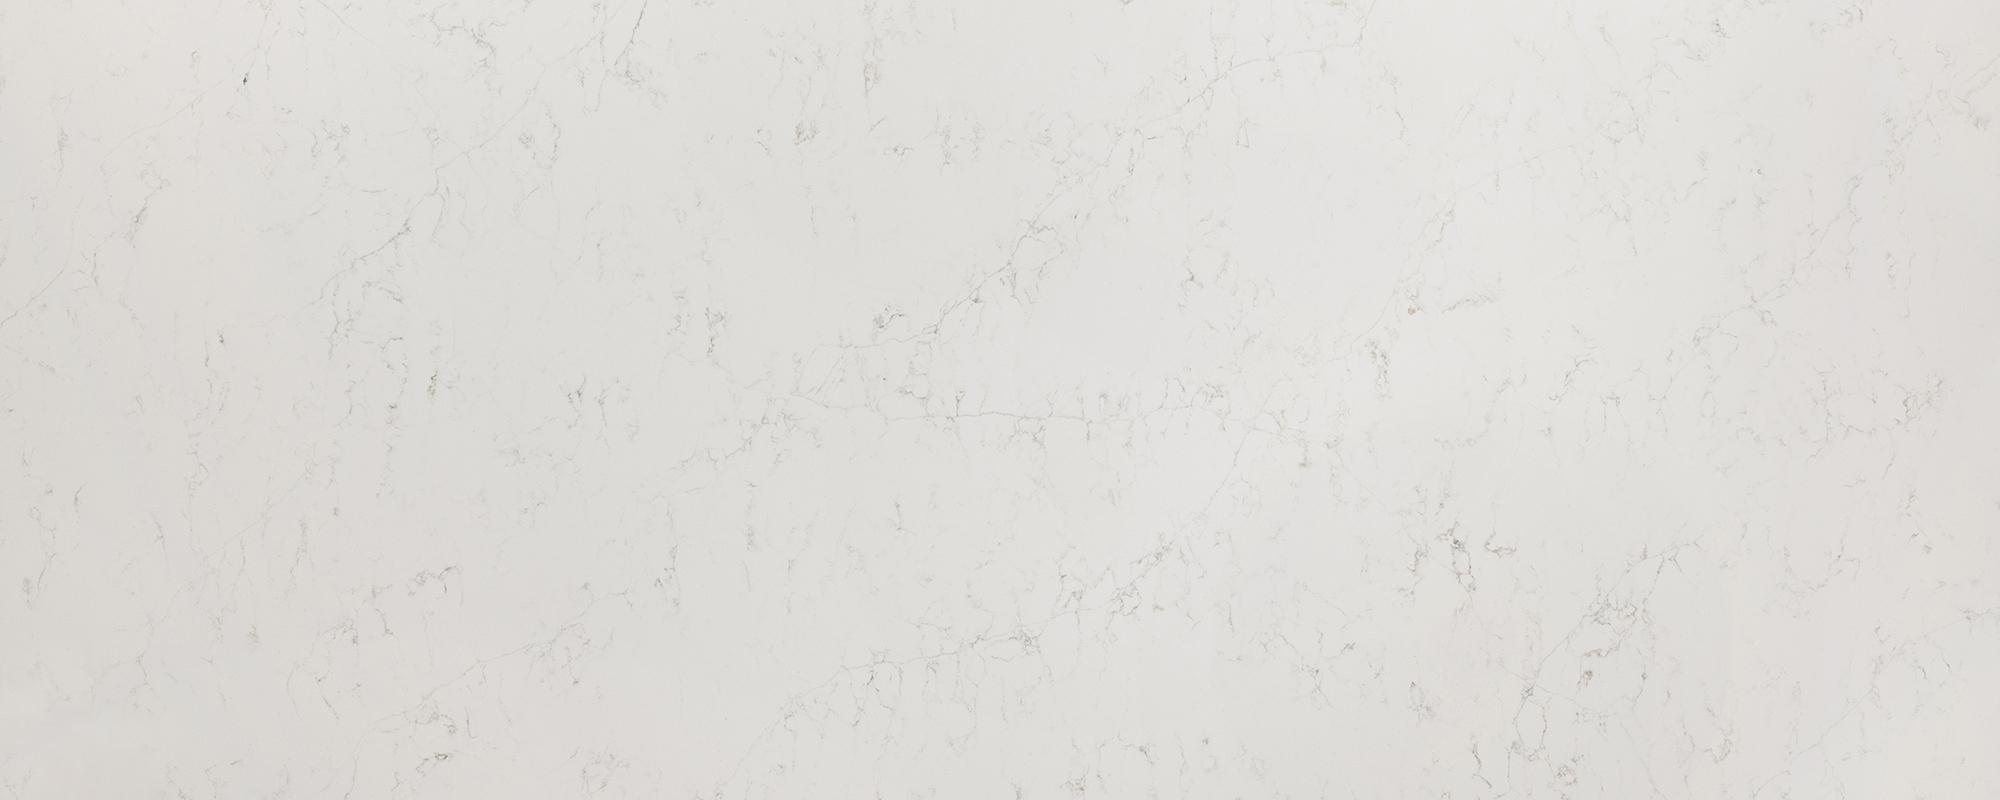 Unique Carrara Quartz Texture